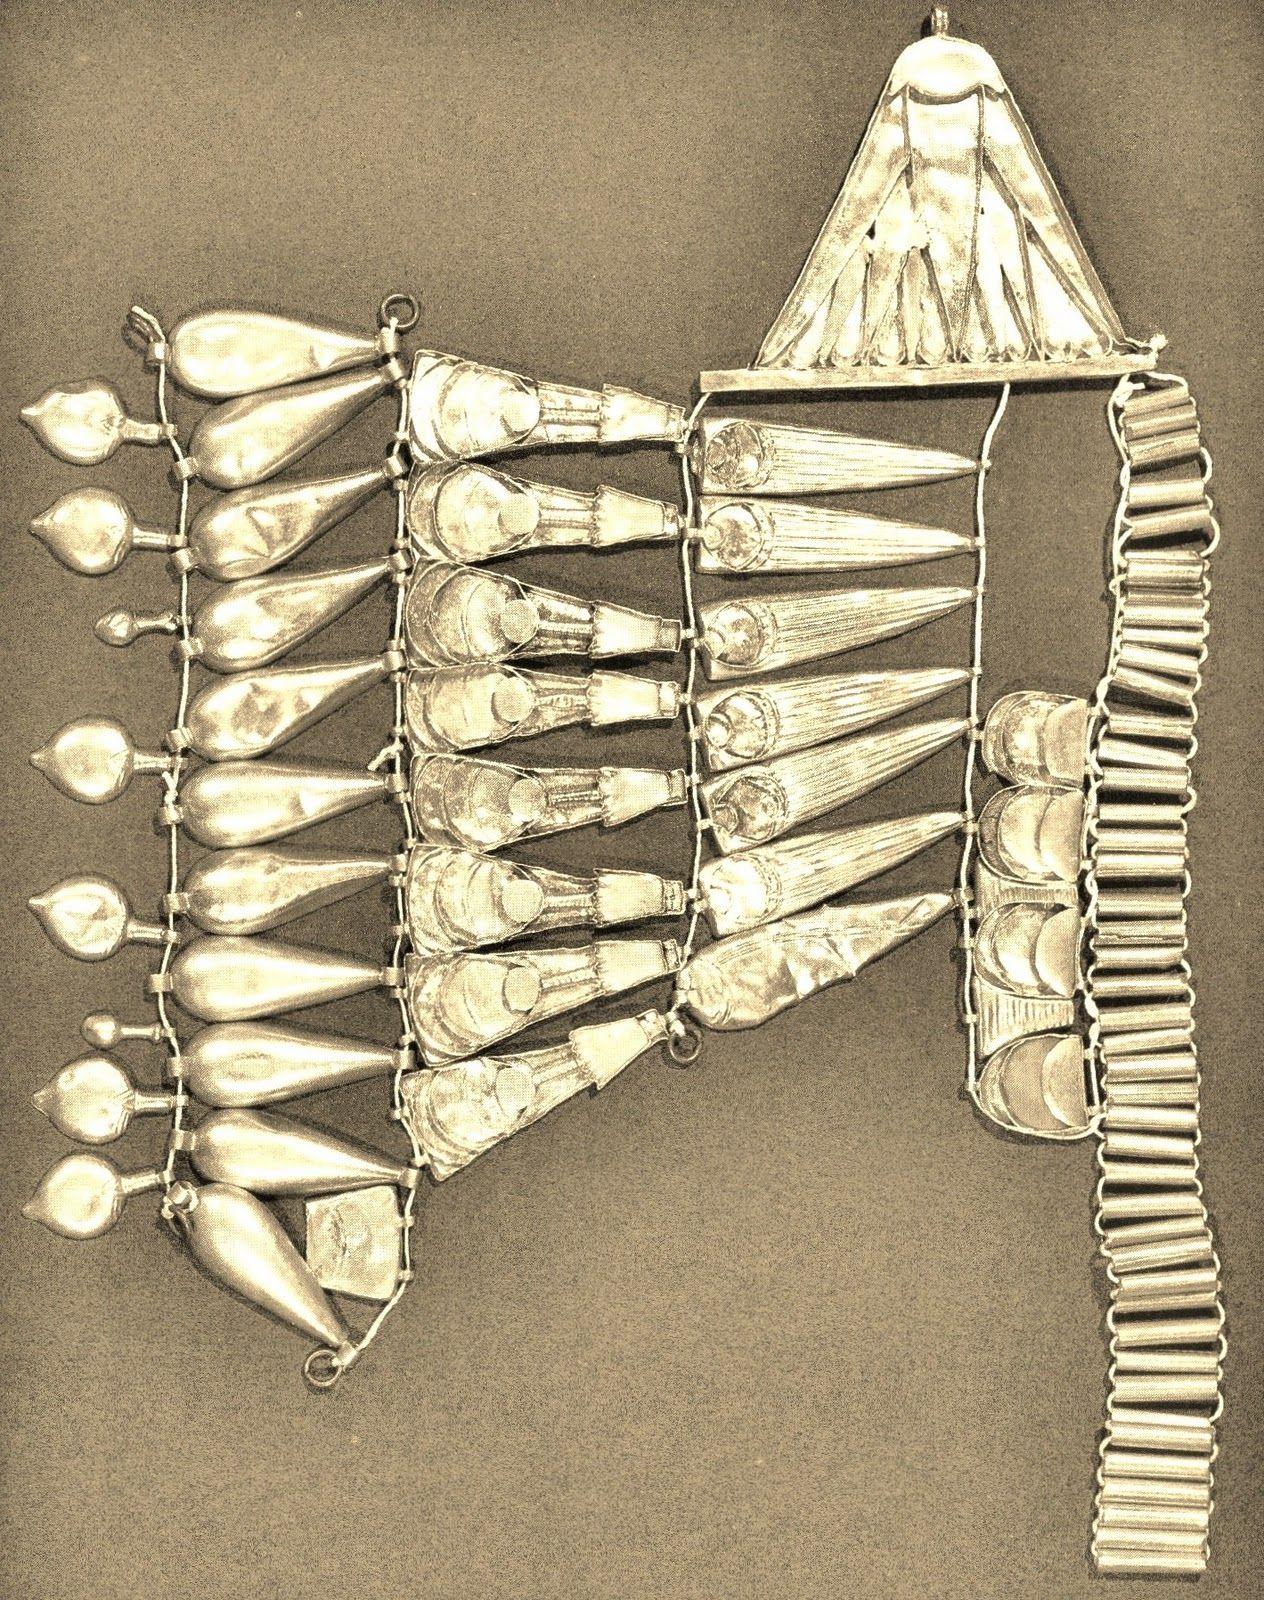 Un fragmento de corona similar a la anterior, pero que en este caso se trata de una pieza egipcia y fechada en los años de Imperio Nuevo: Del 1370 al 1300 a.C.. Pertenece al Museo de El Cairo (al que agradecemos nos permita divulgar su imagen) y su parecido con las diademas que siglos más tarde proliferan entre las damas y reinas en el mundo ibérico,